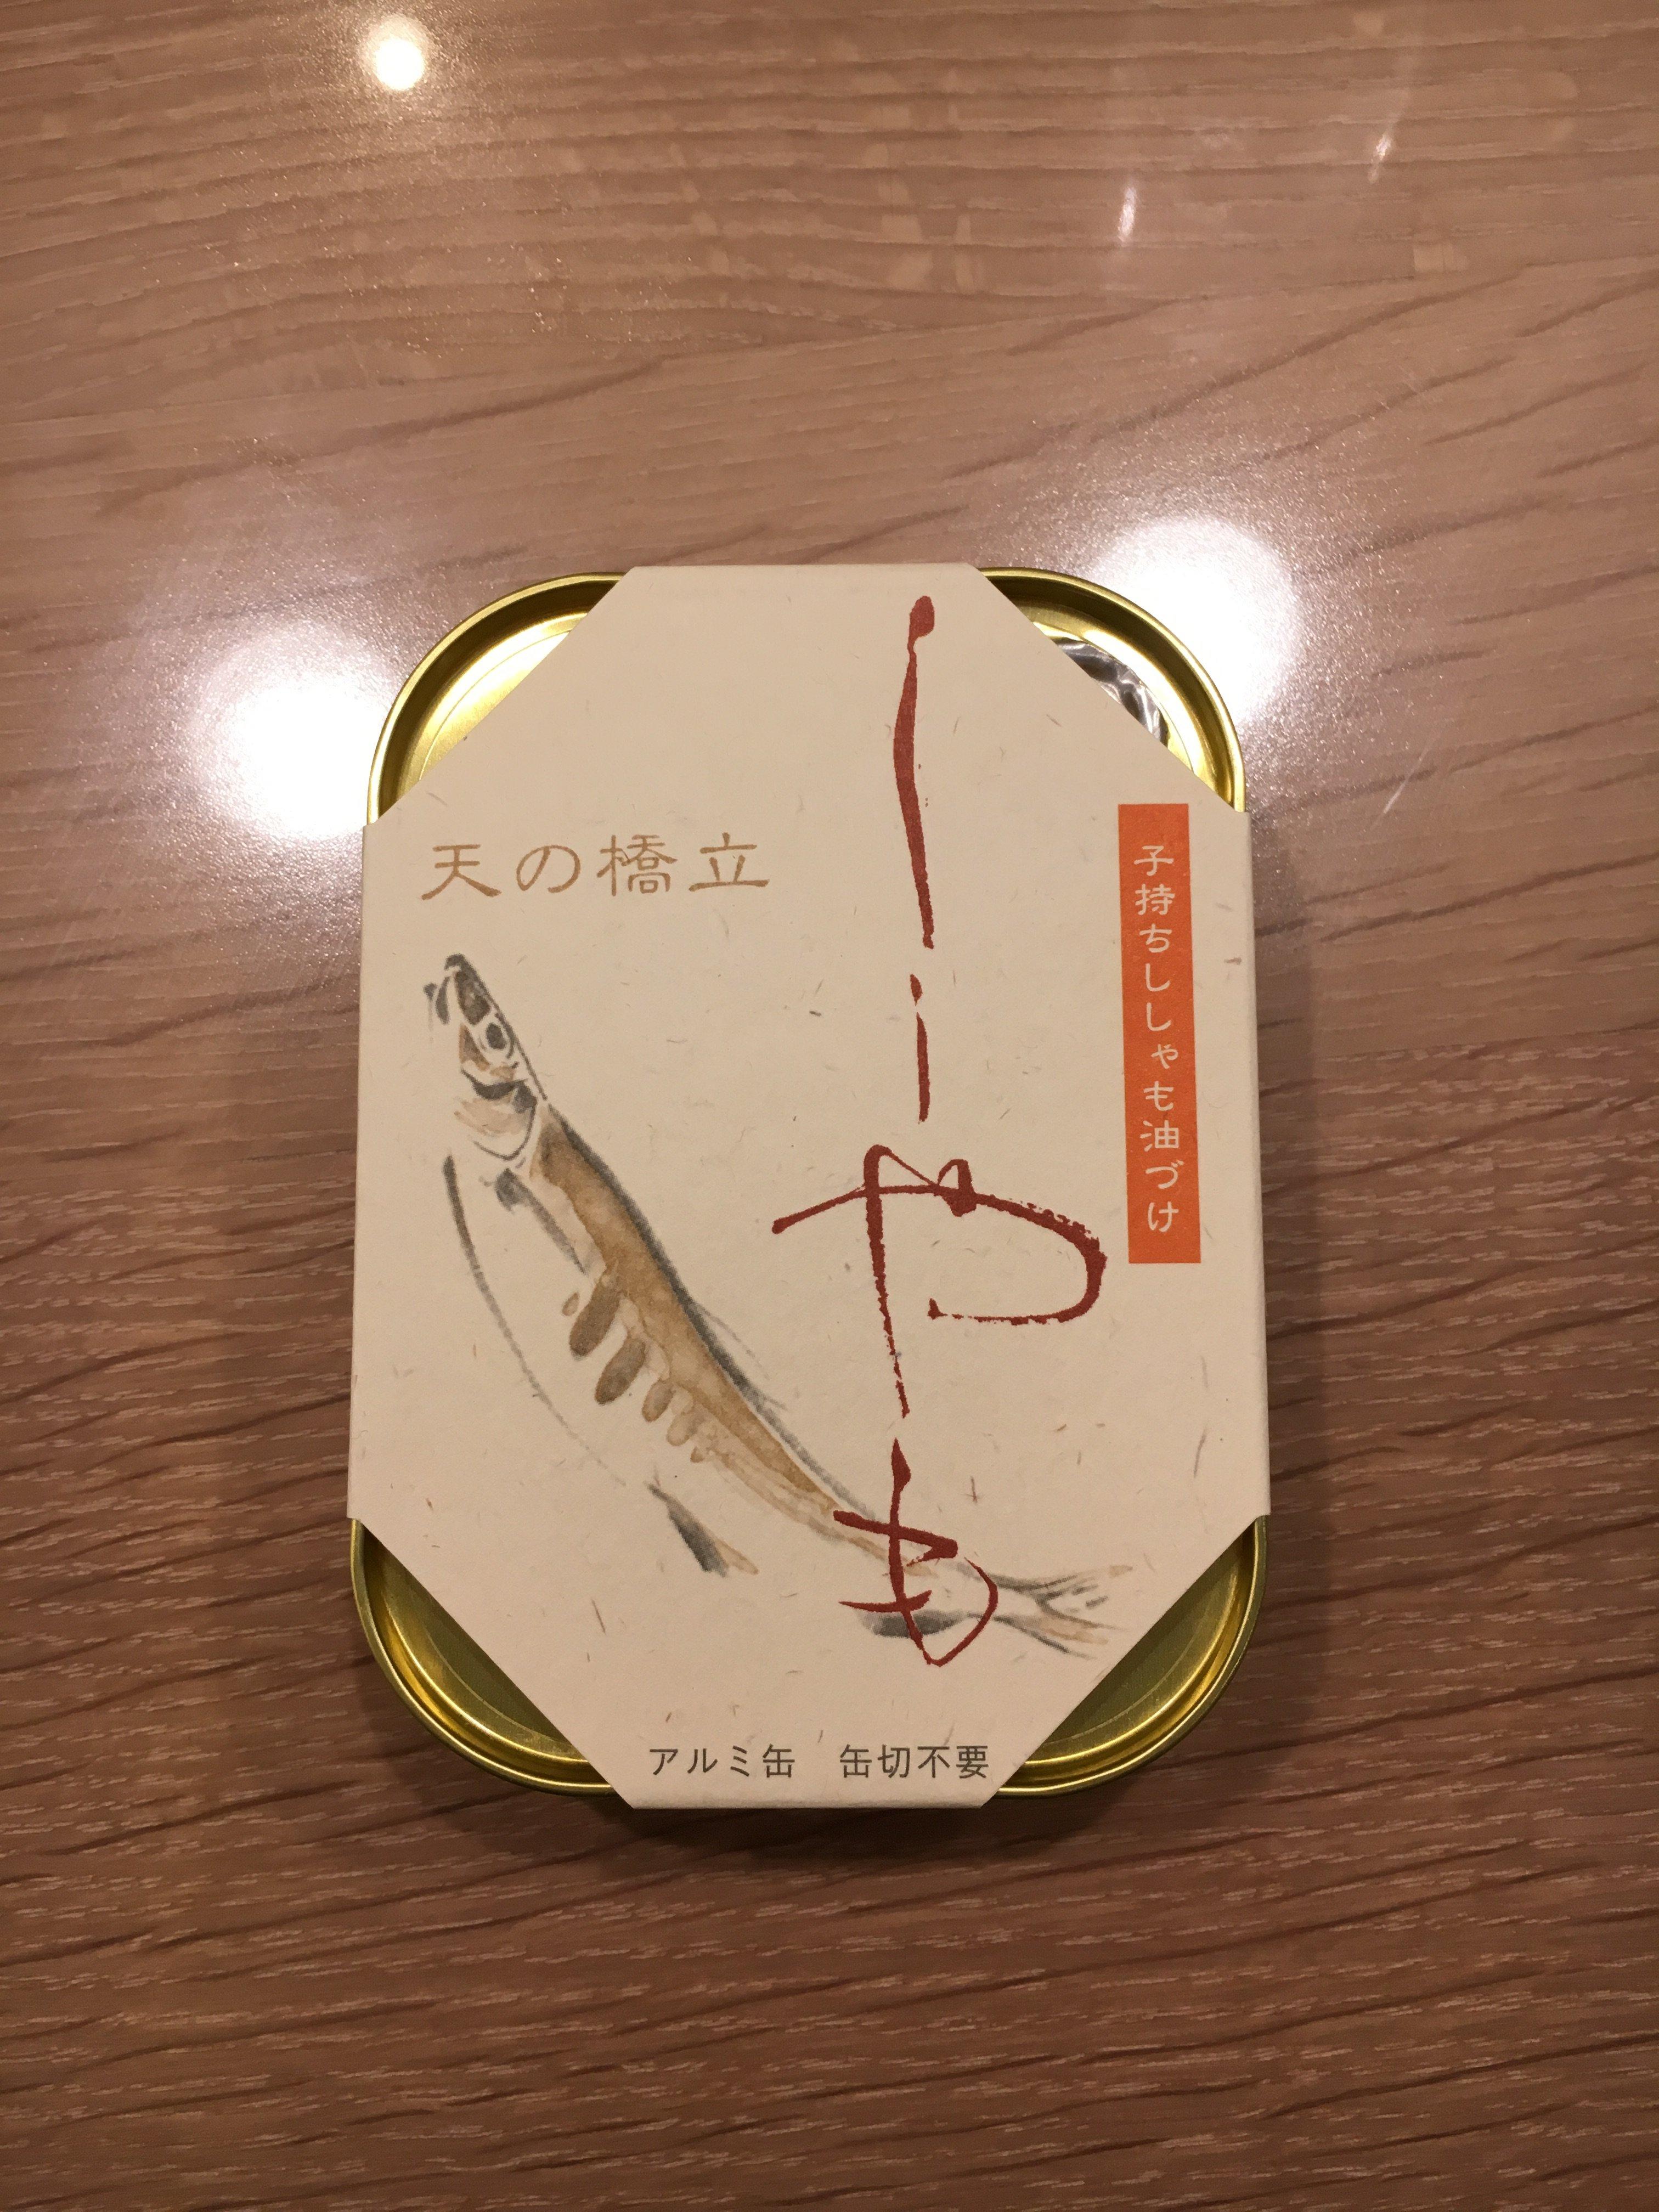 竹中缶詰 天の橋立 子持ちししゃも油づけ 絶妙です